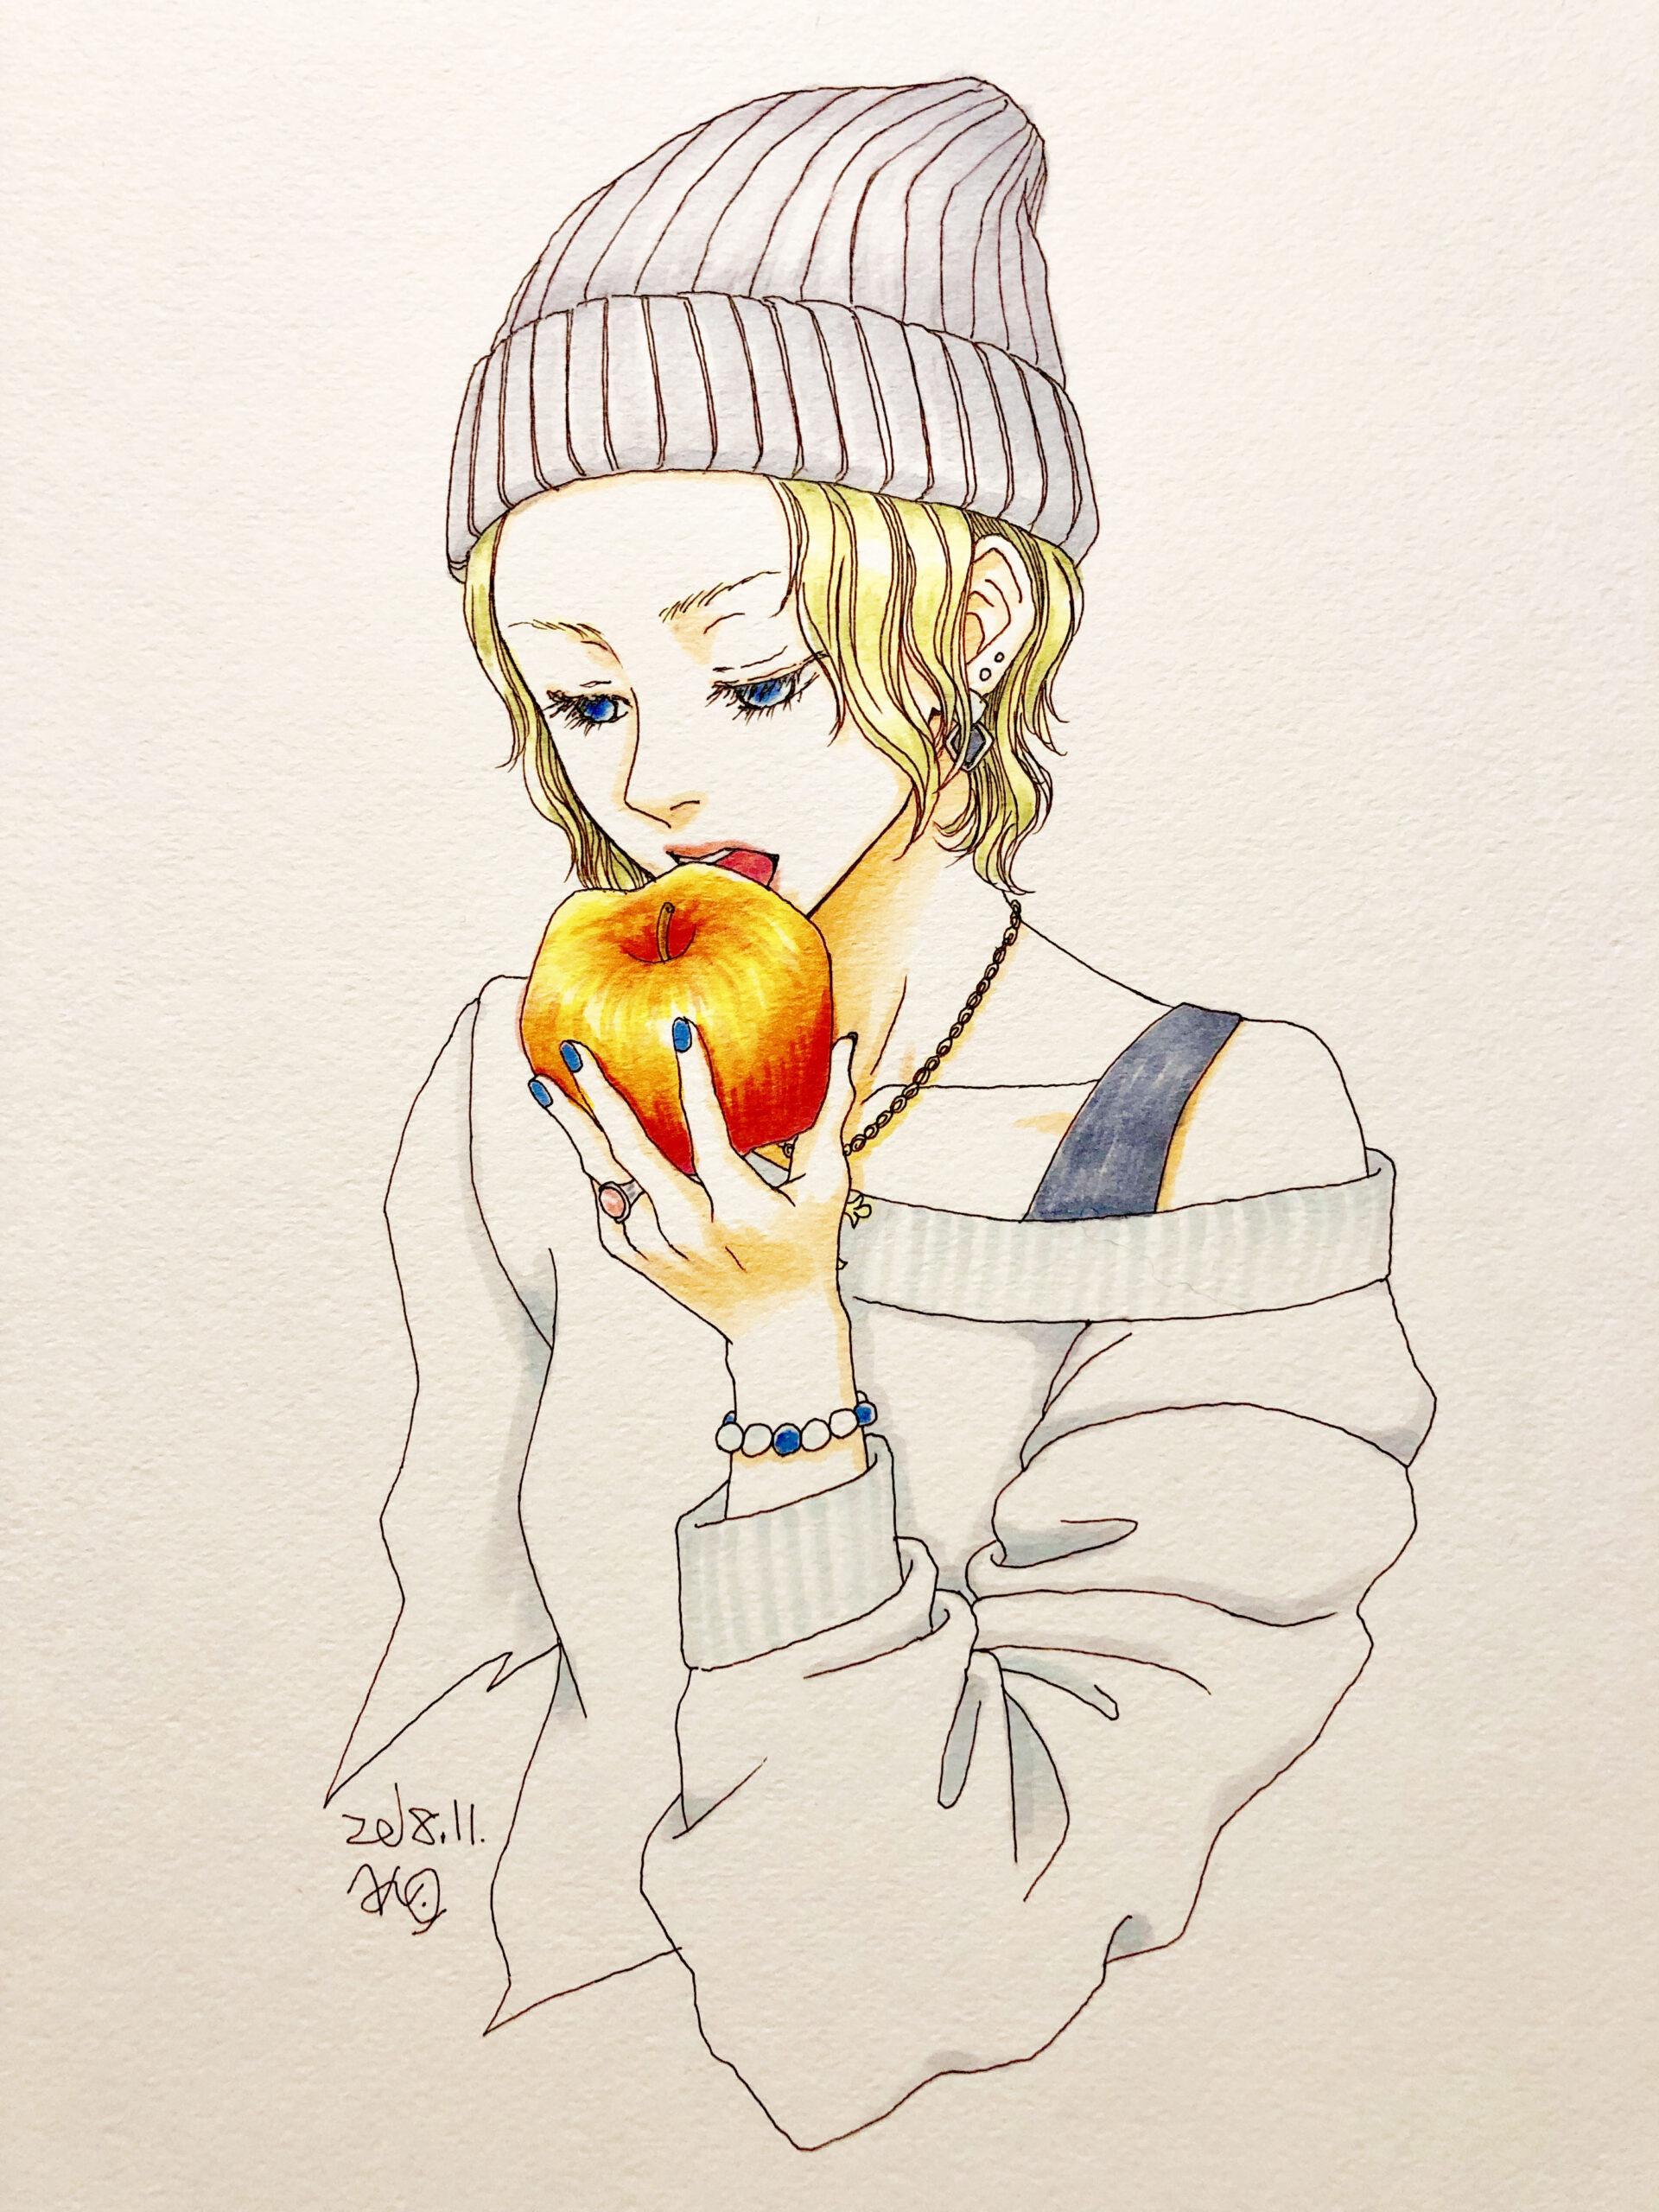 イラスト 女の子イラスト リンゴ 漫画 アート 美術